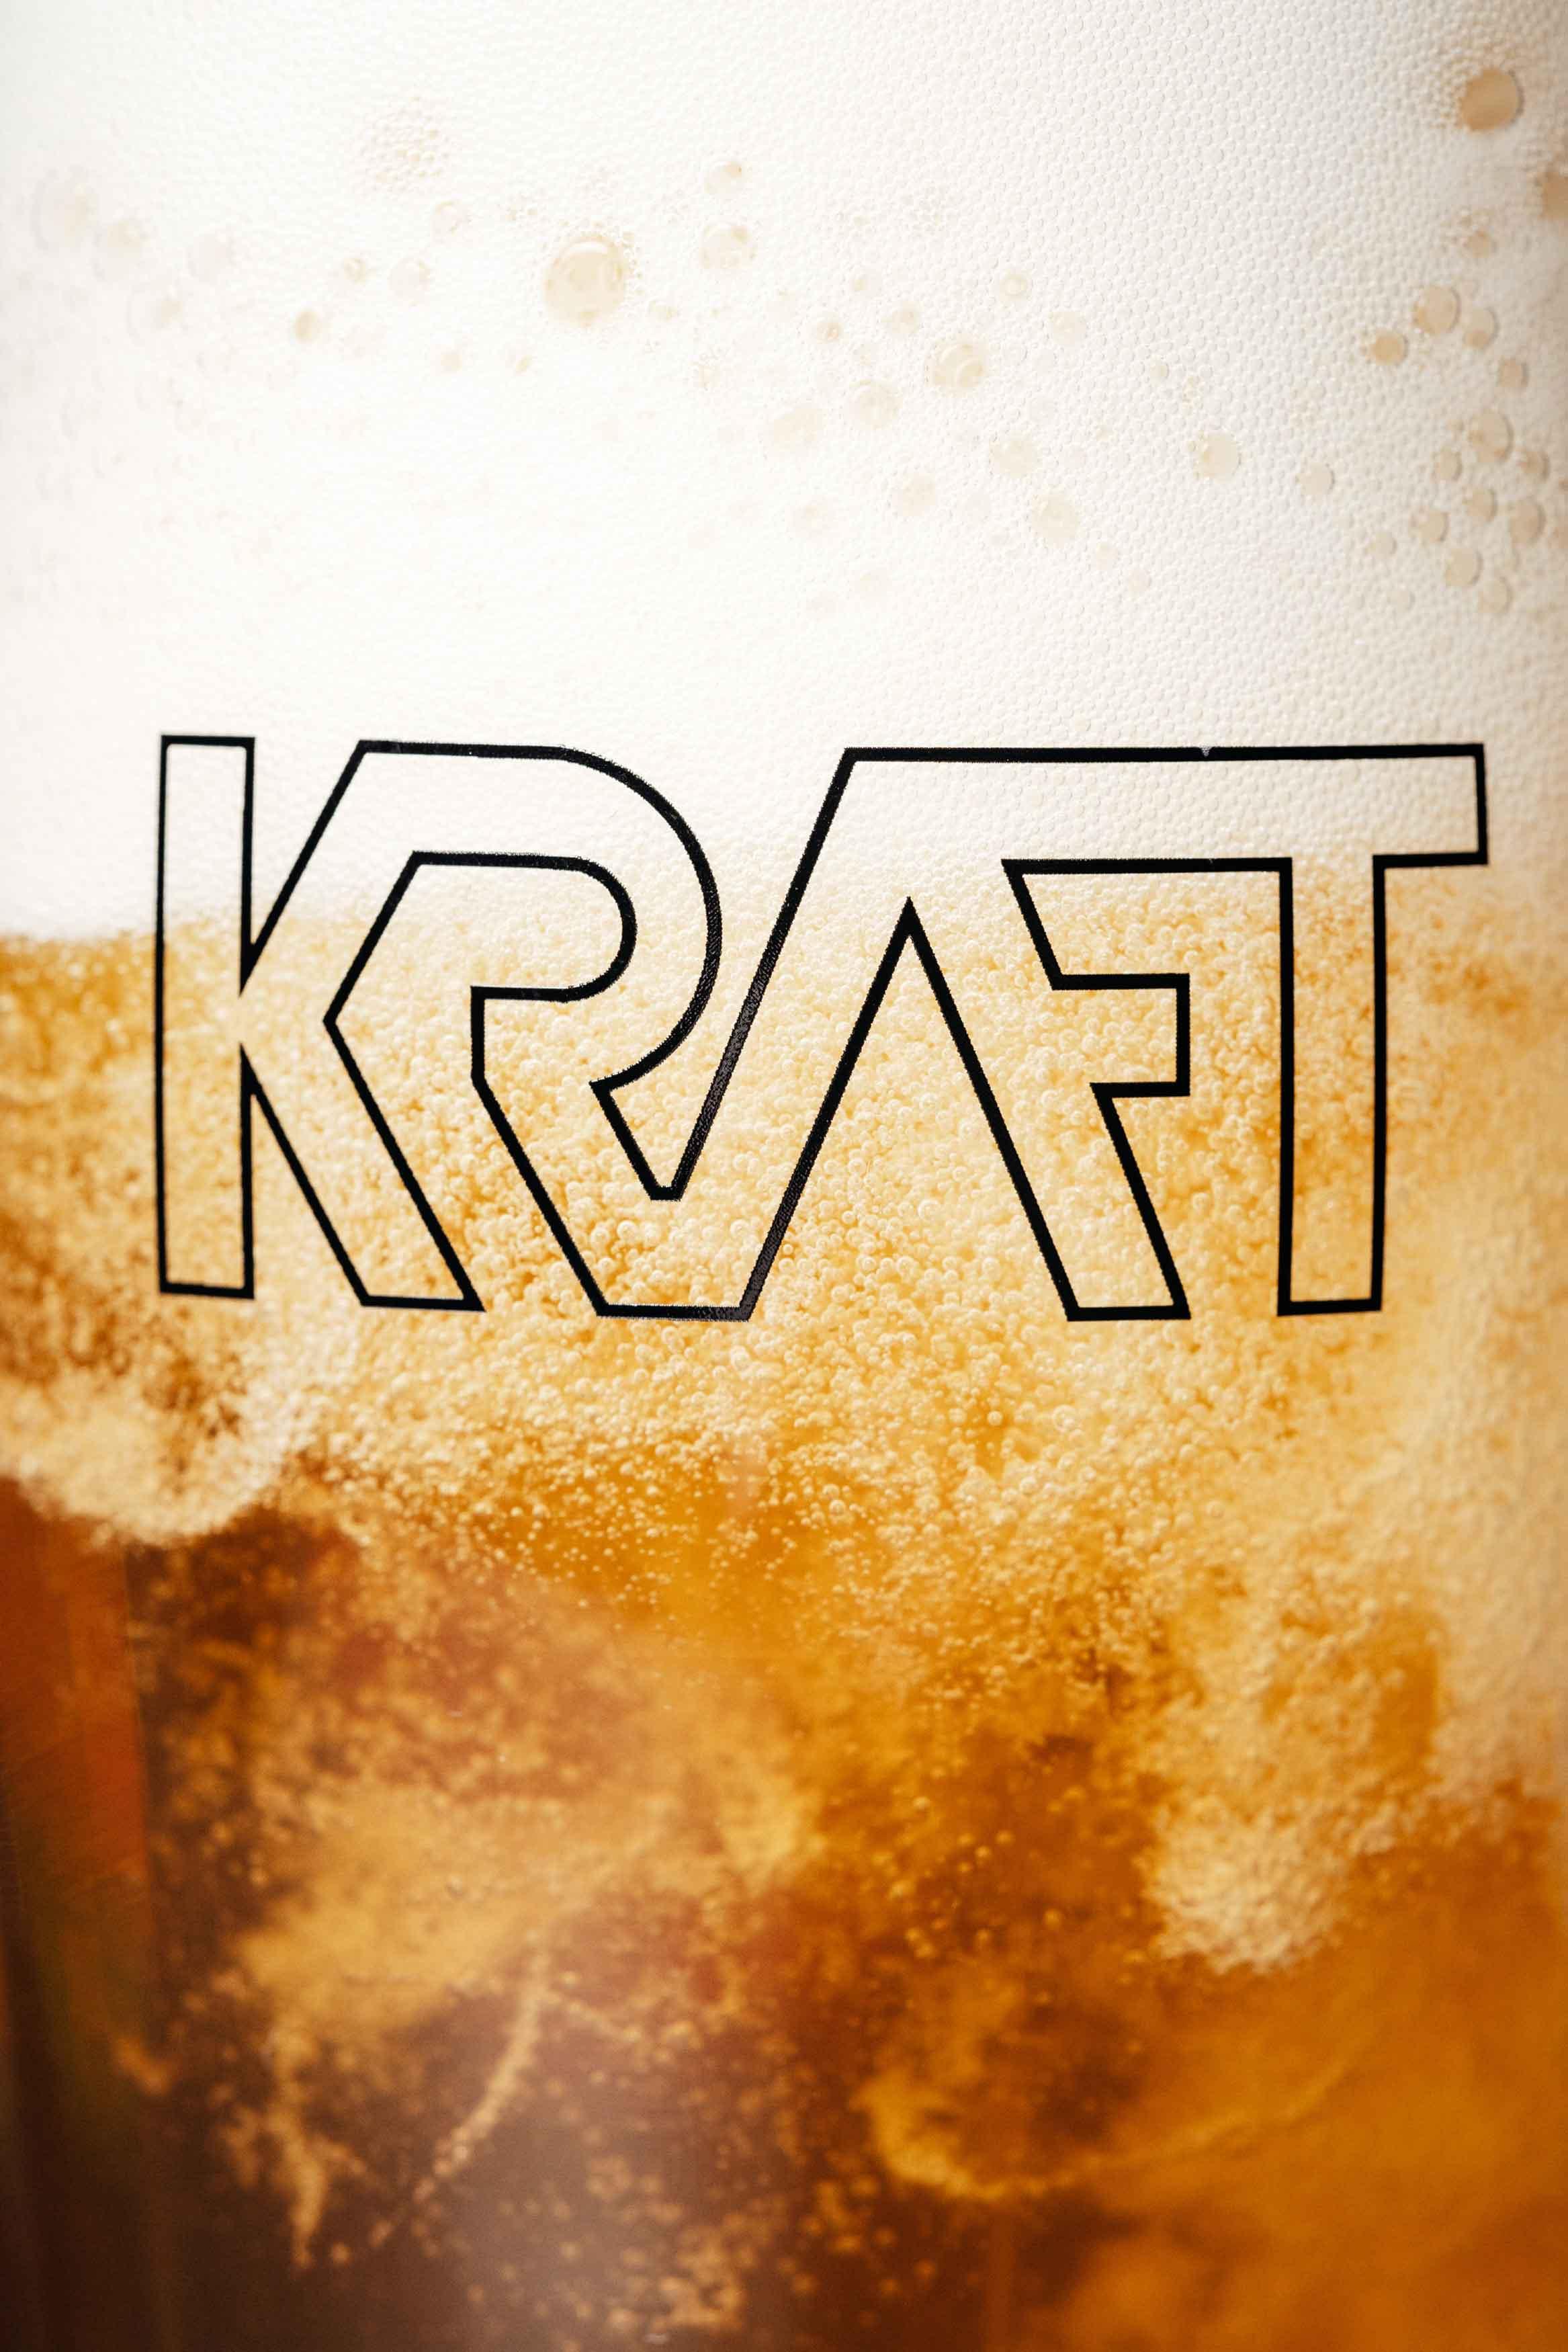 foam-kraft-dalston-german-kraft-brewery-beer-craftbeer